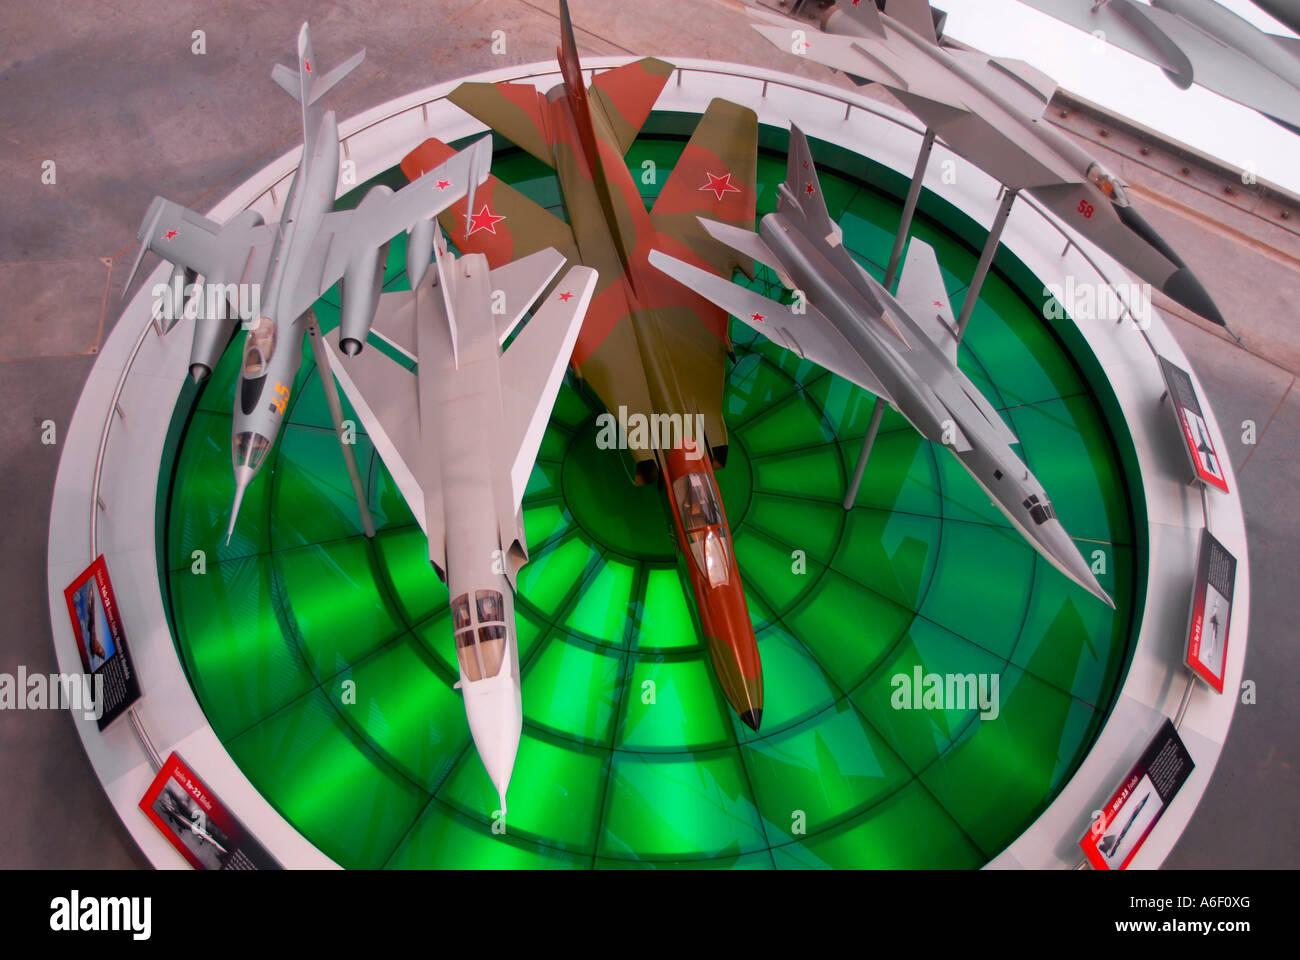 Modelli in scala di aerei russi costruiti da MOD scienziati sperimentali per misurazioni radar sul display a livello Immagini Stock